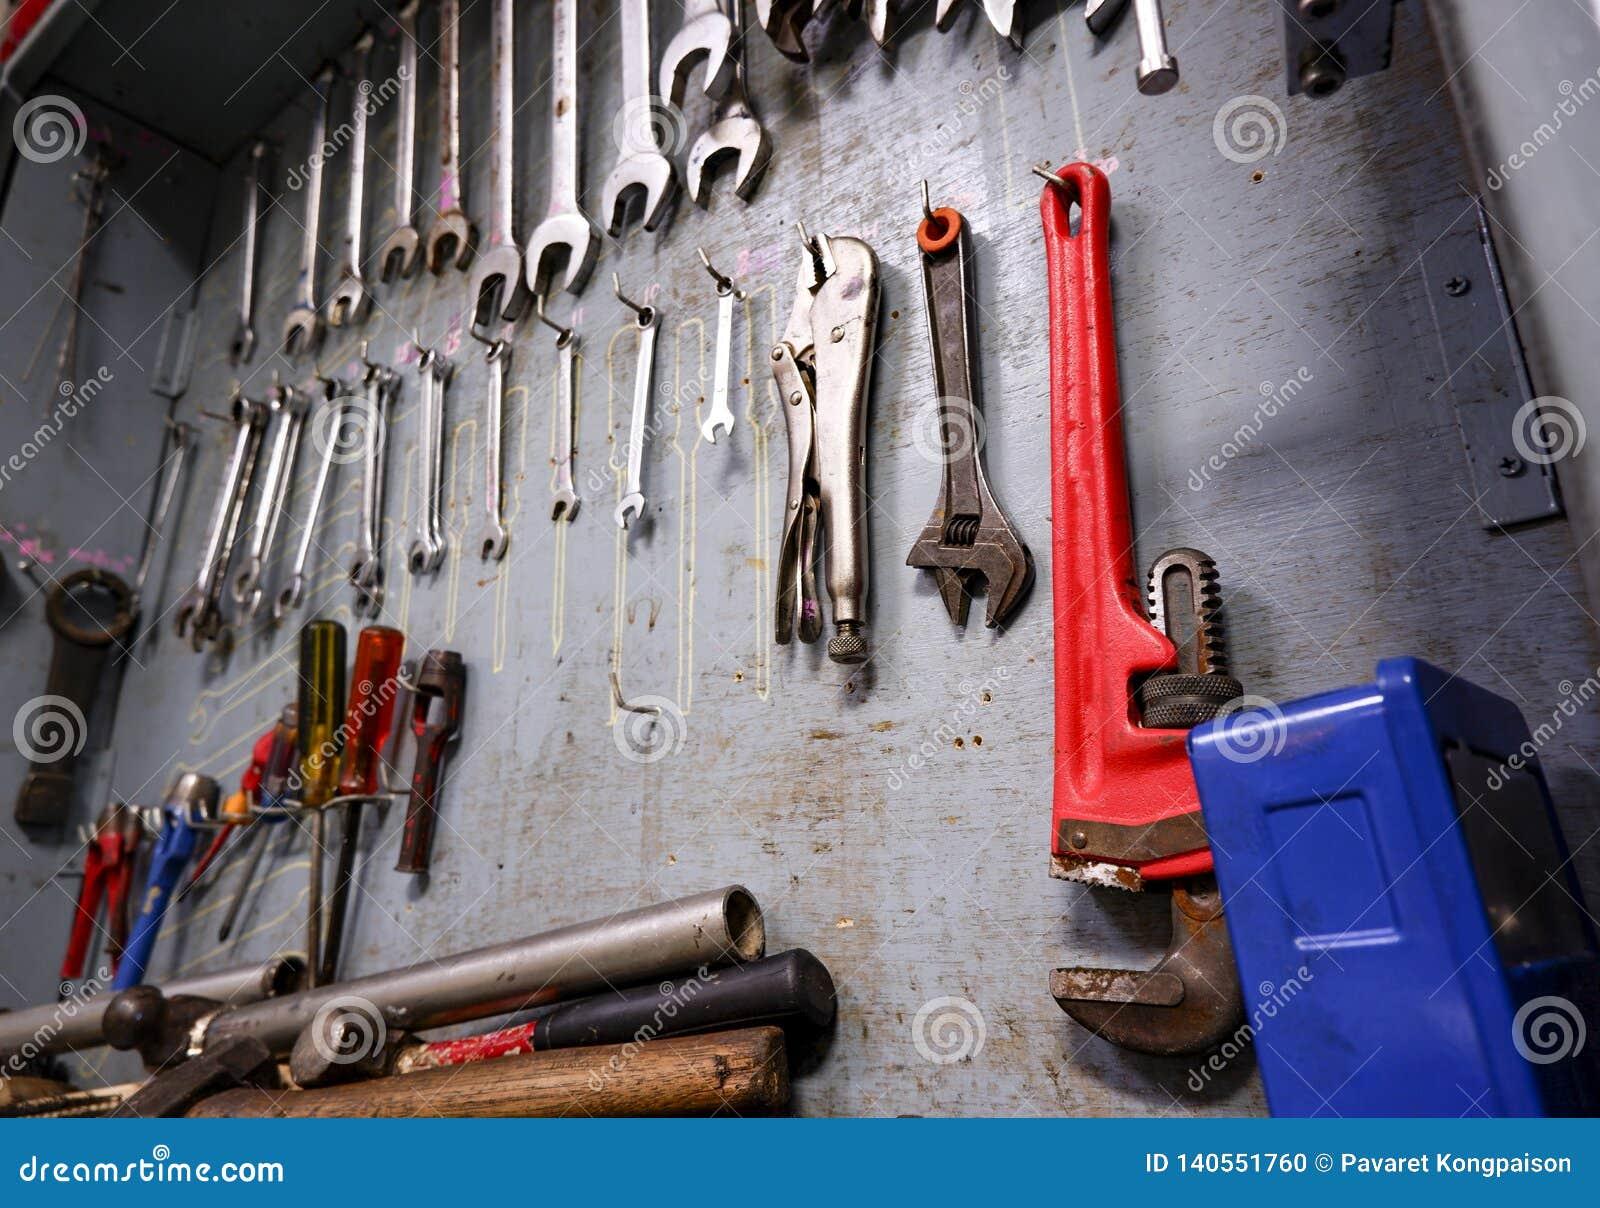 Γραφείο εργαλείων επισκευής που είναι πλήρες του εξοπλισμού για τη βιομηχανική εργασία